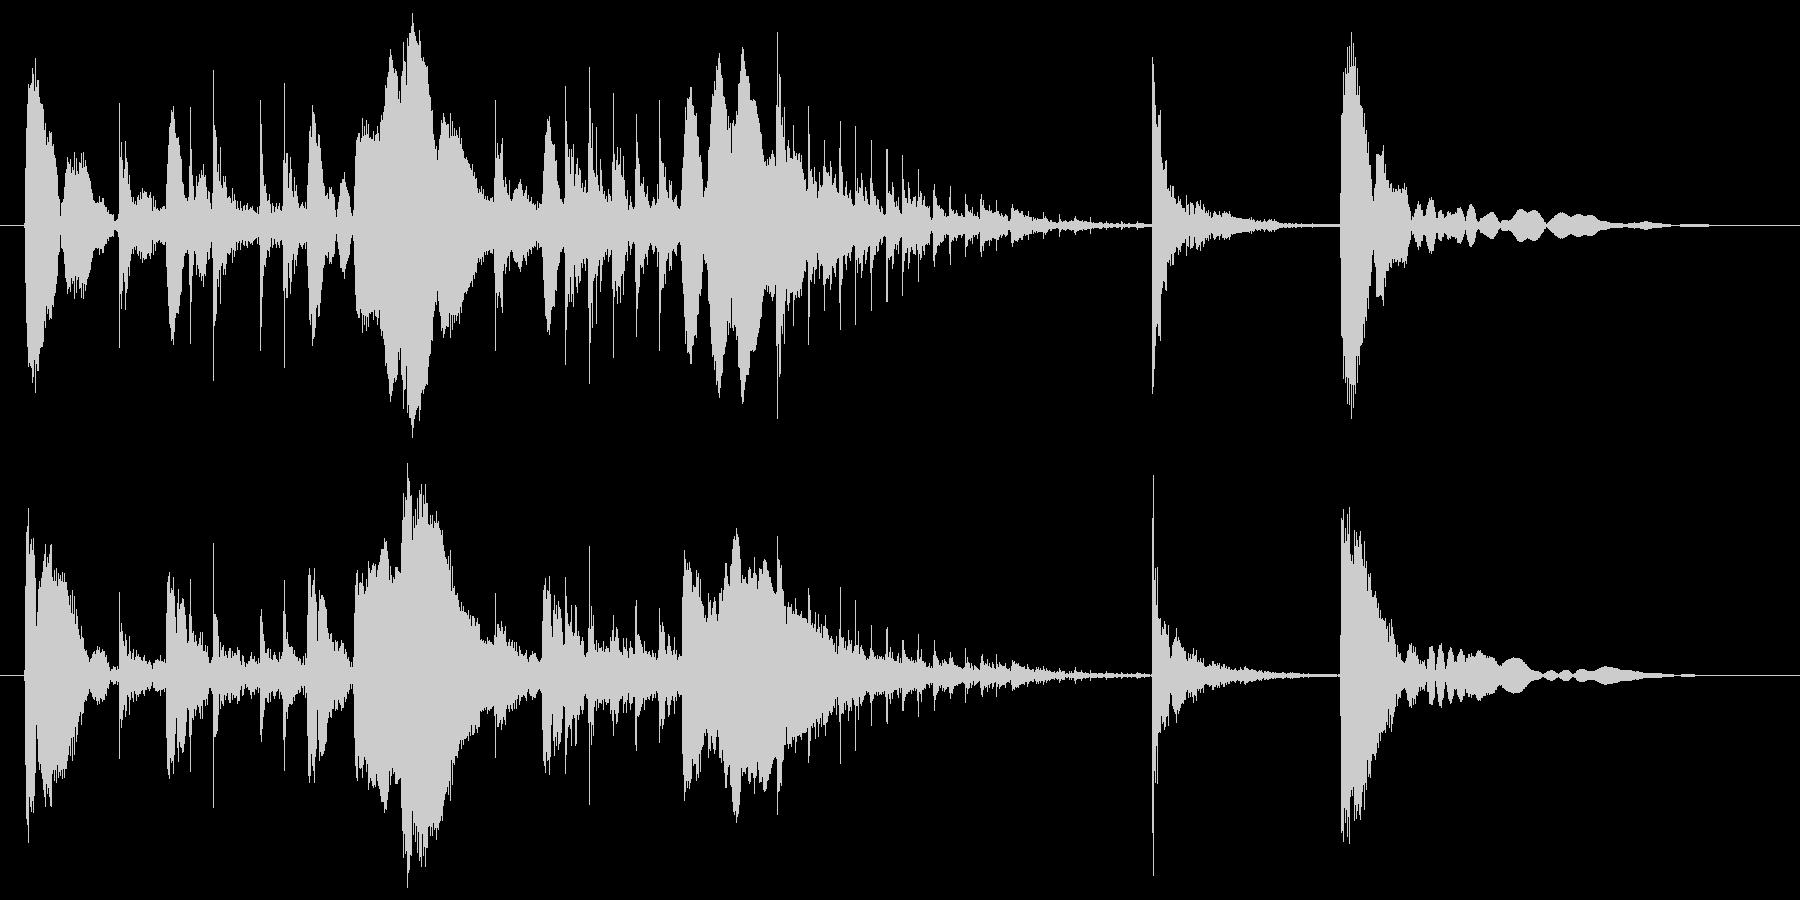 コンガによるコミカルなサウンドロゴの未再生の波形